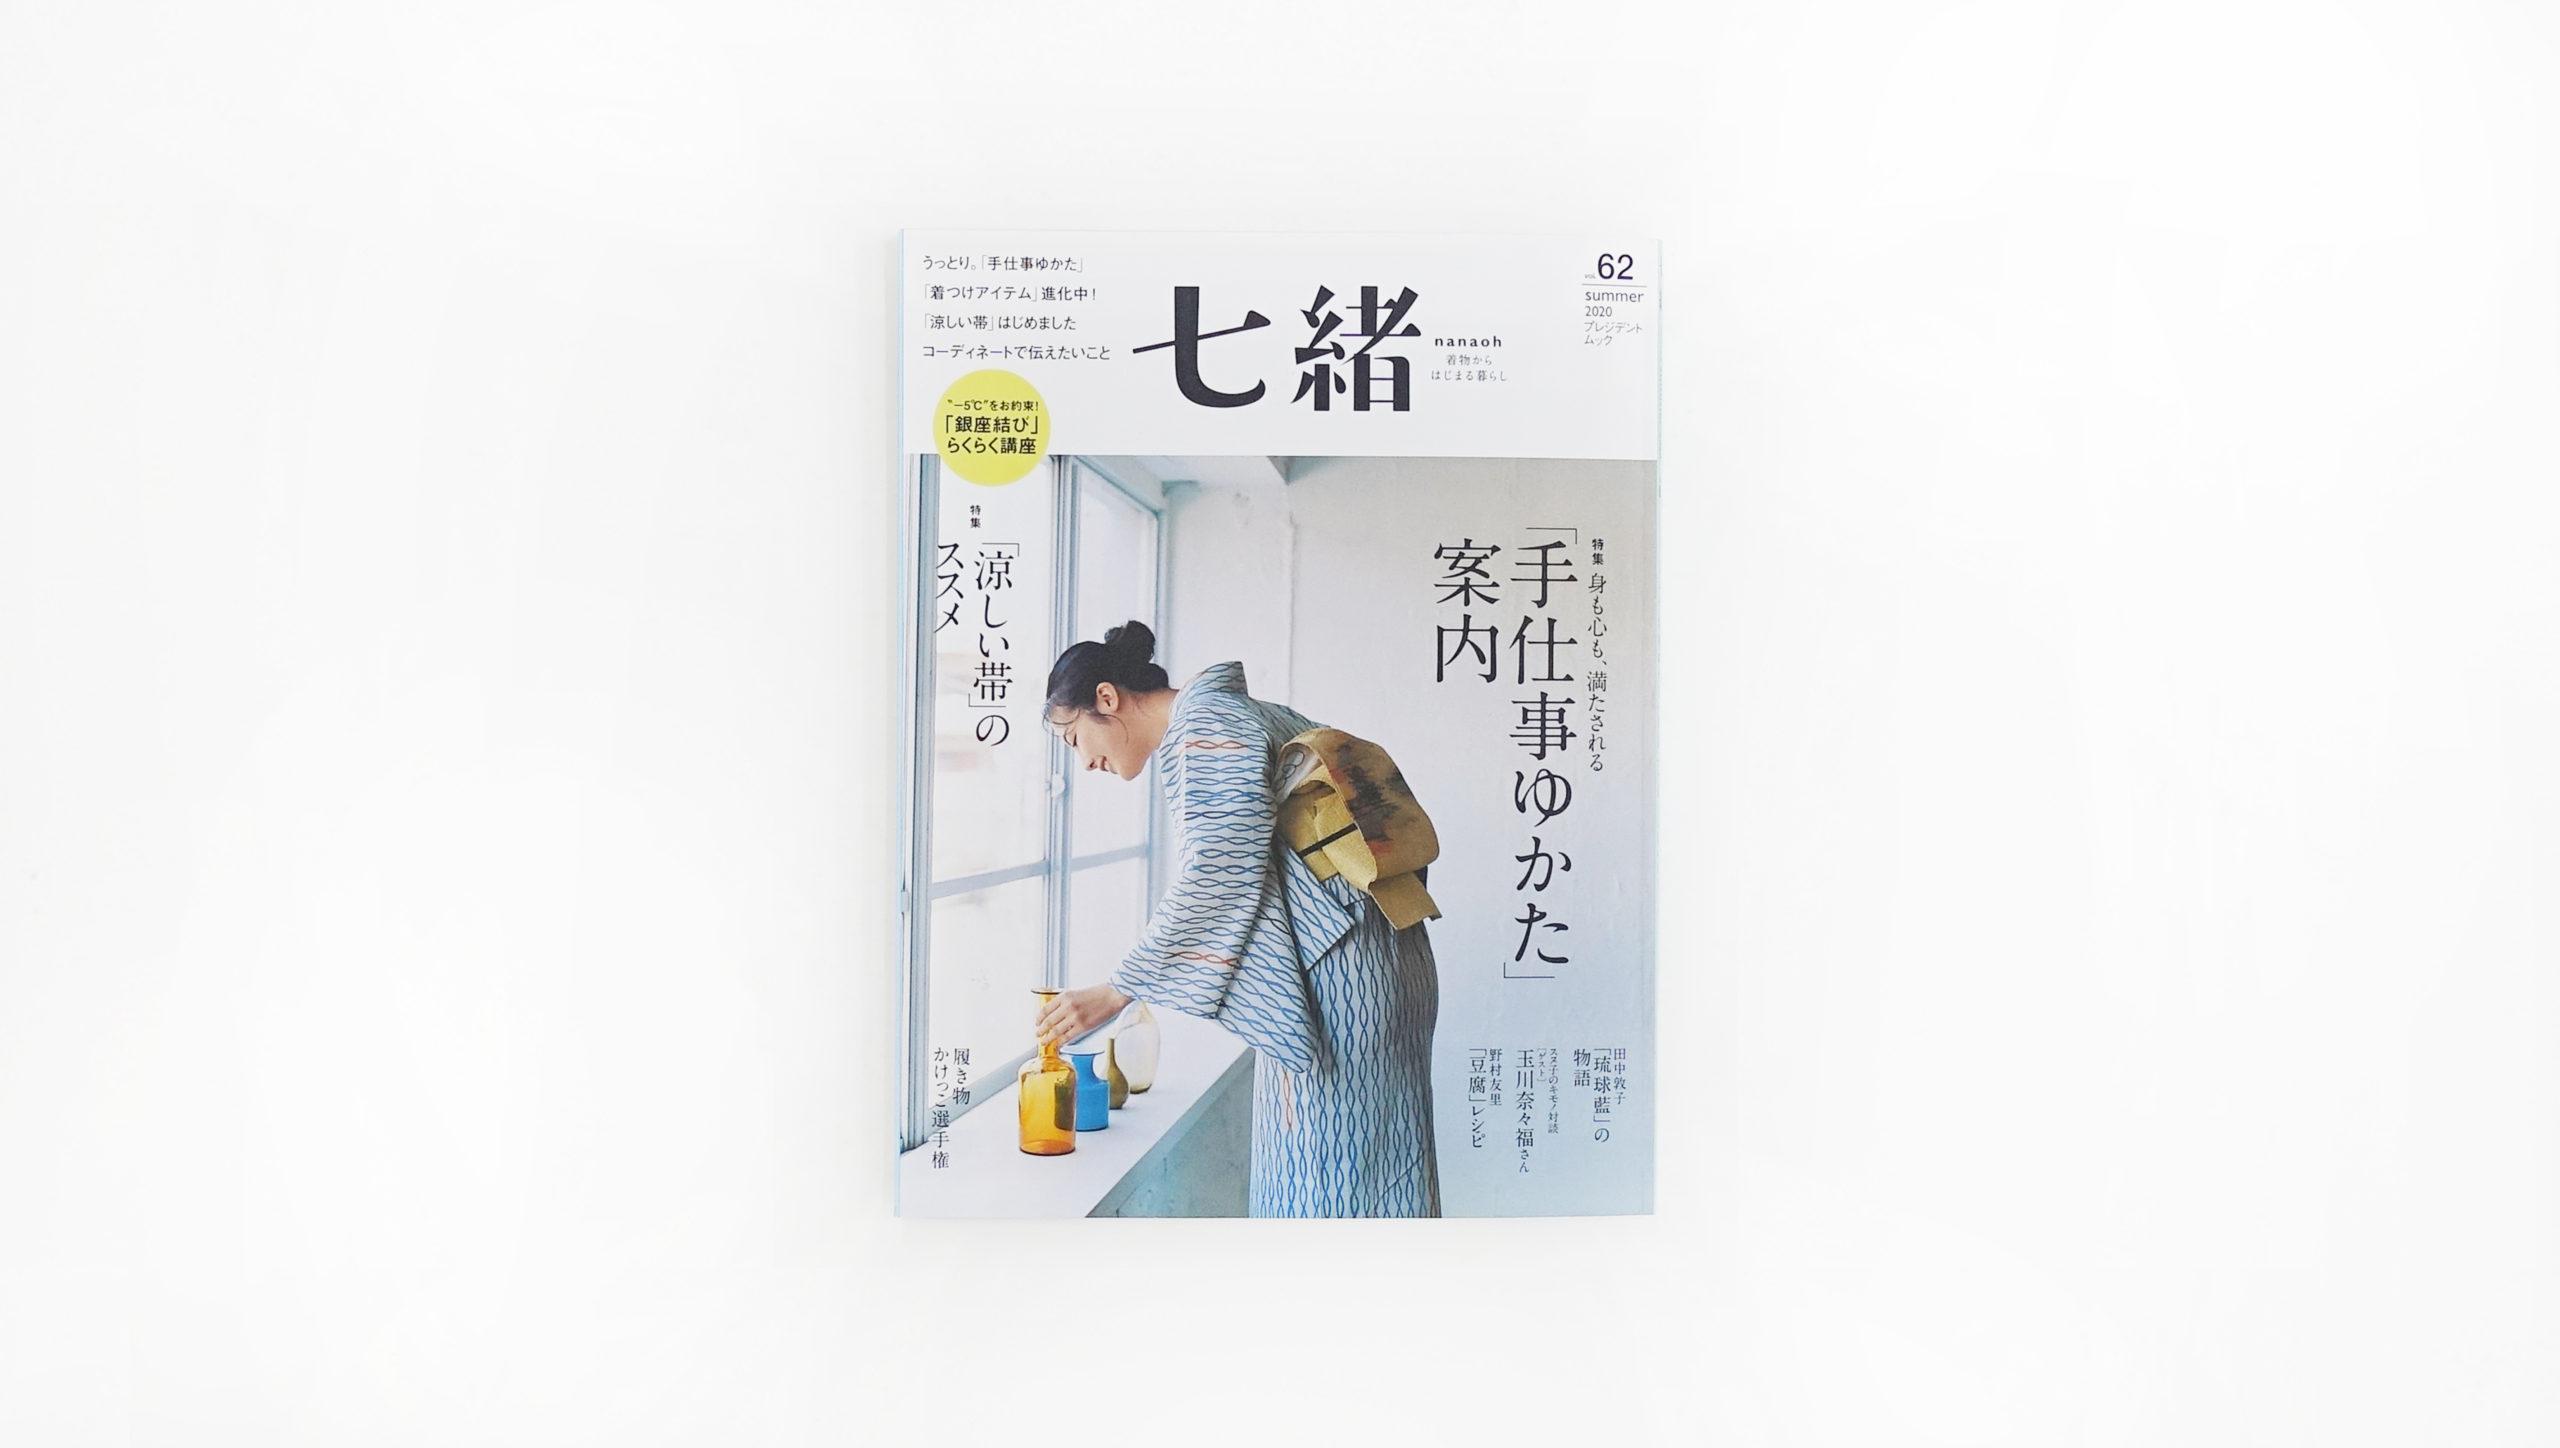 七緒 VOl.62 summer / 2020